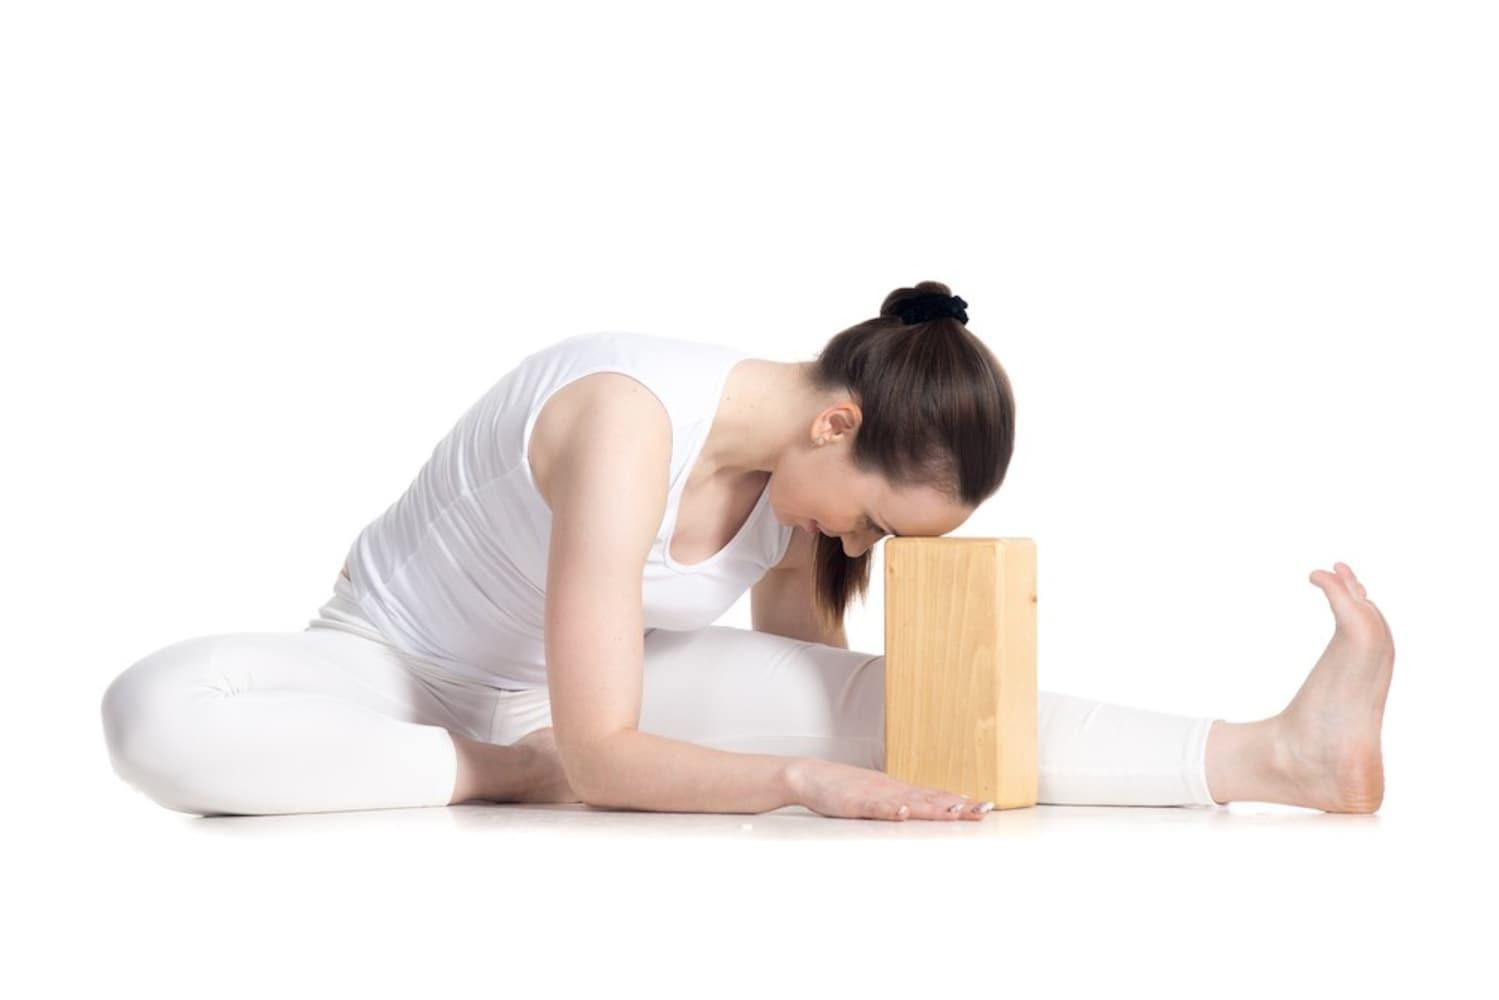 ジャーヌシールシャアーサナ|骨盤、足、背中をストレッチ